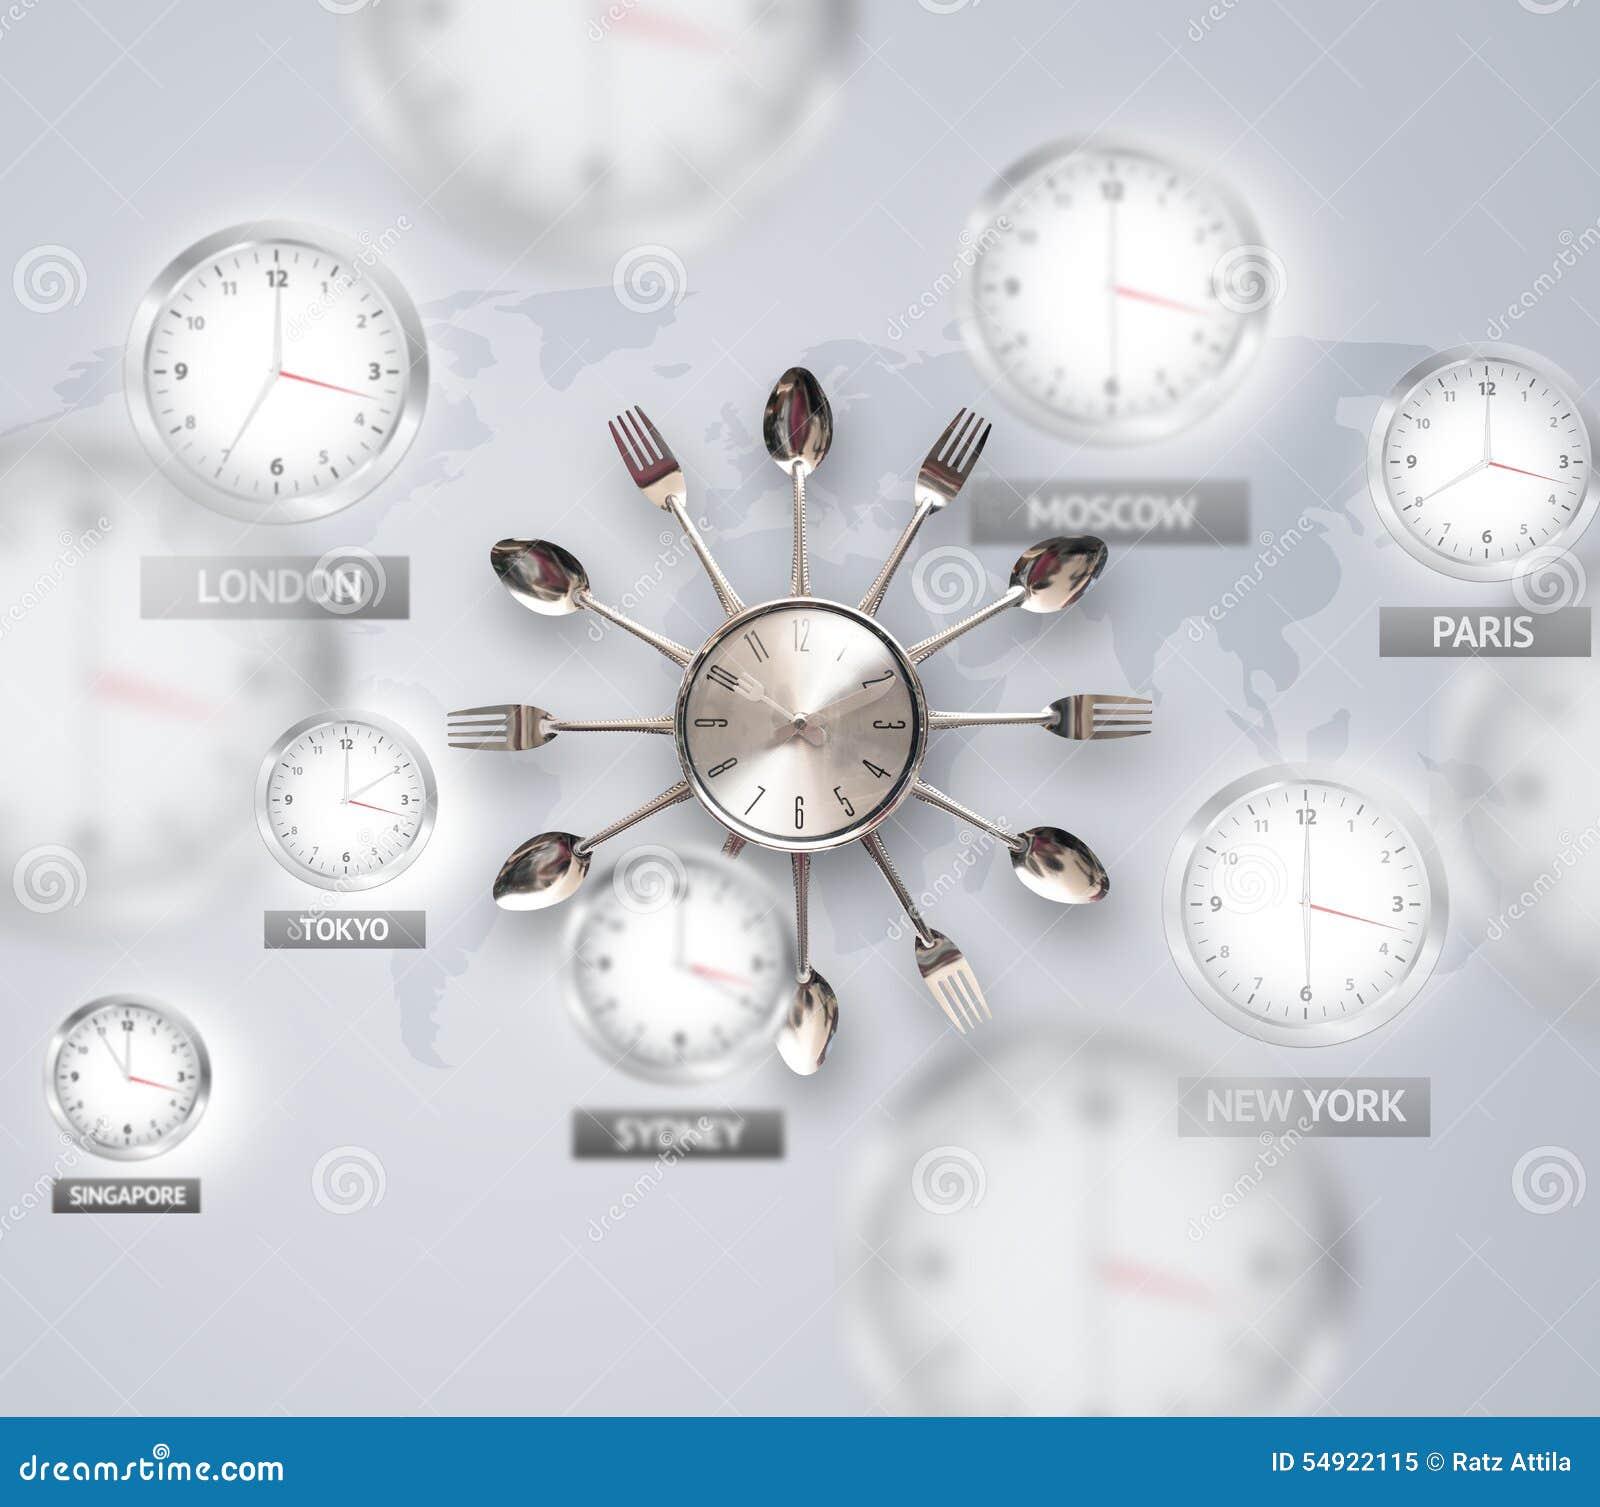 Klokken en tijdzones over het wereldconcept